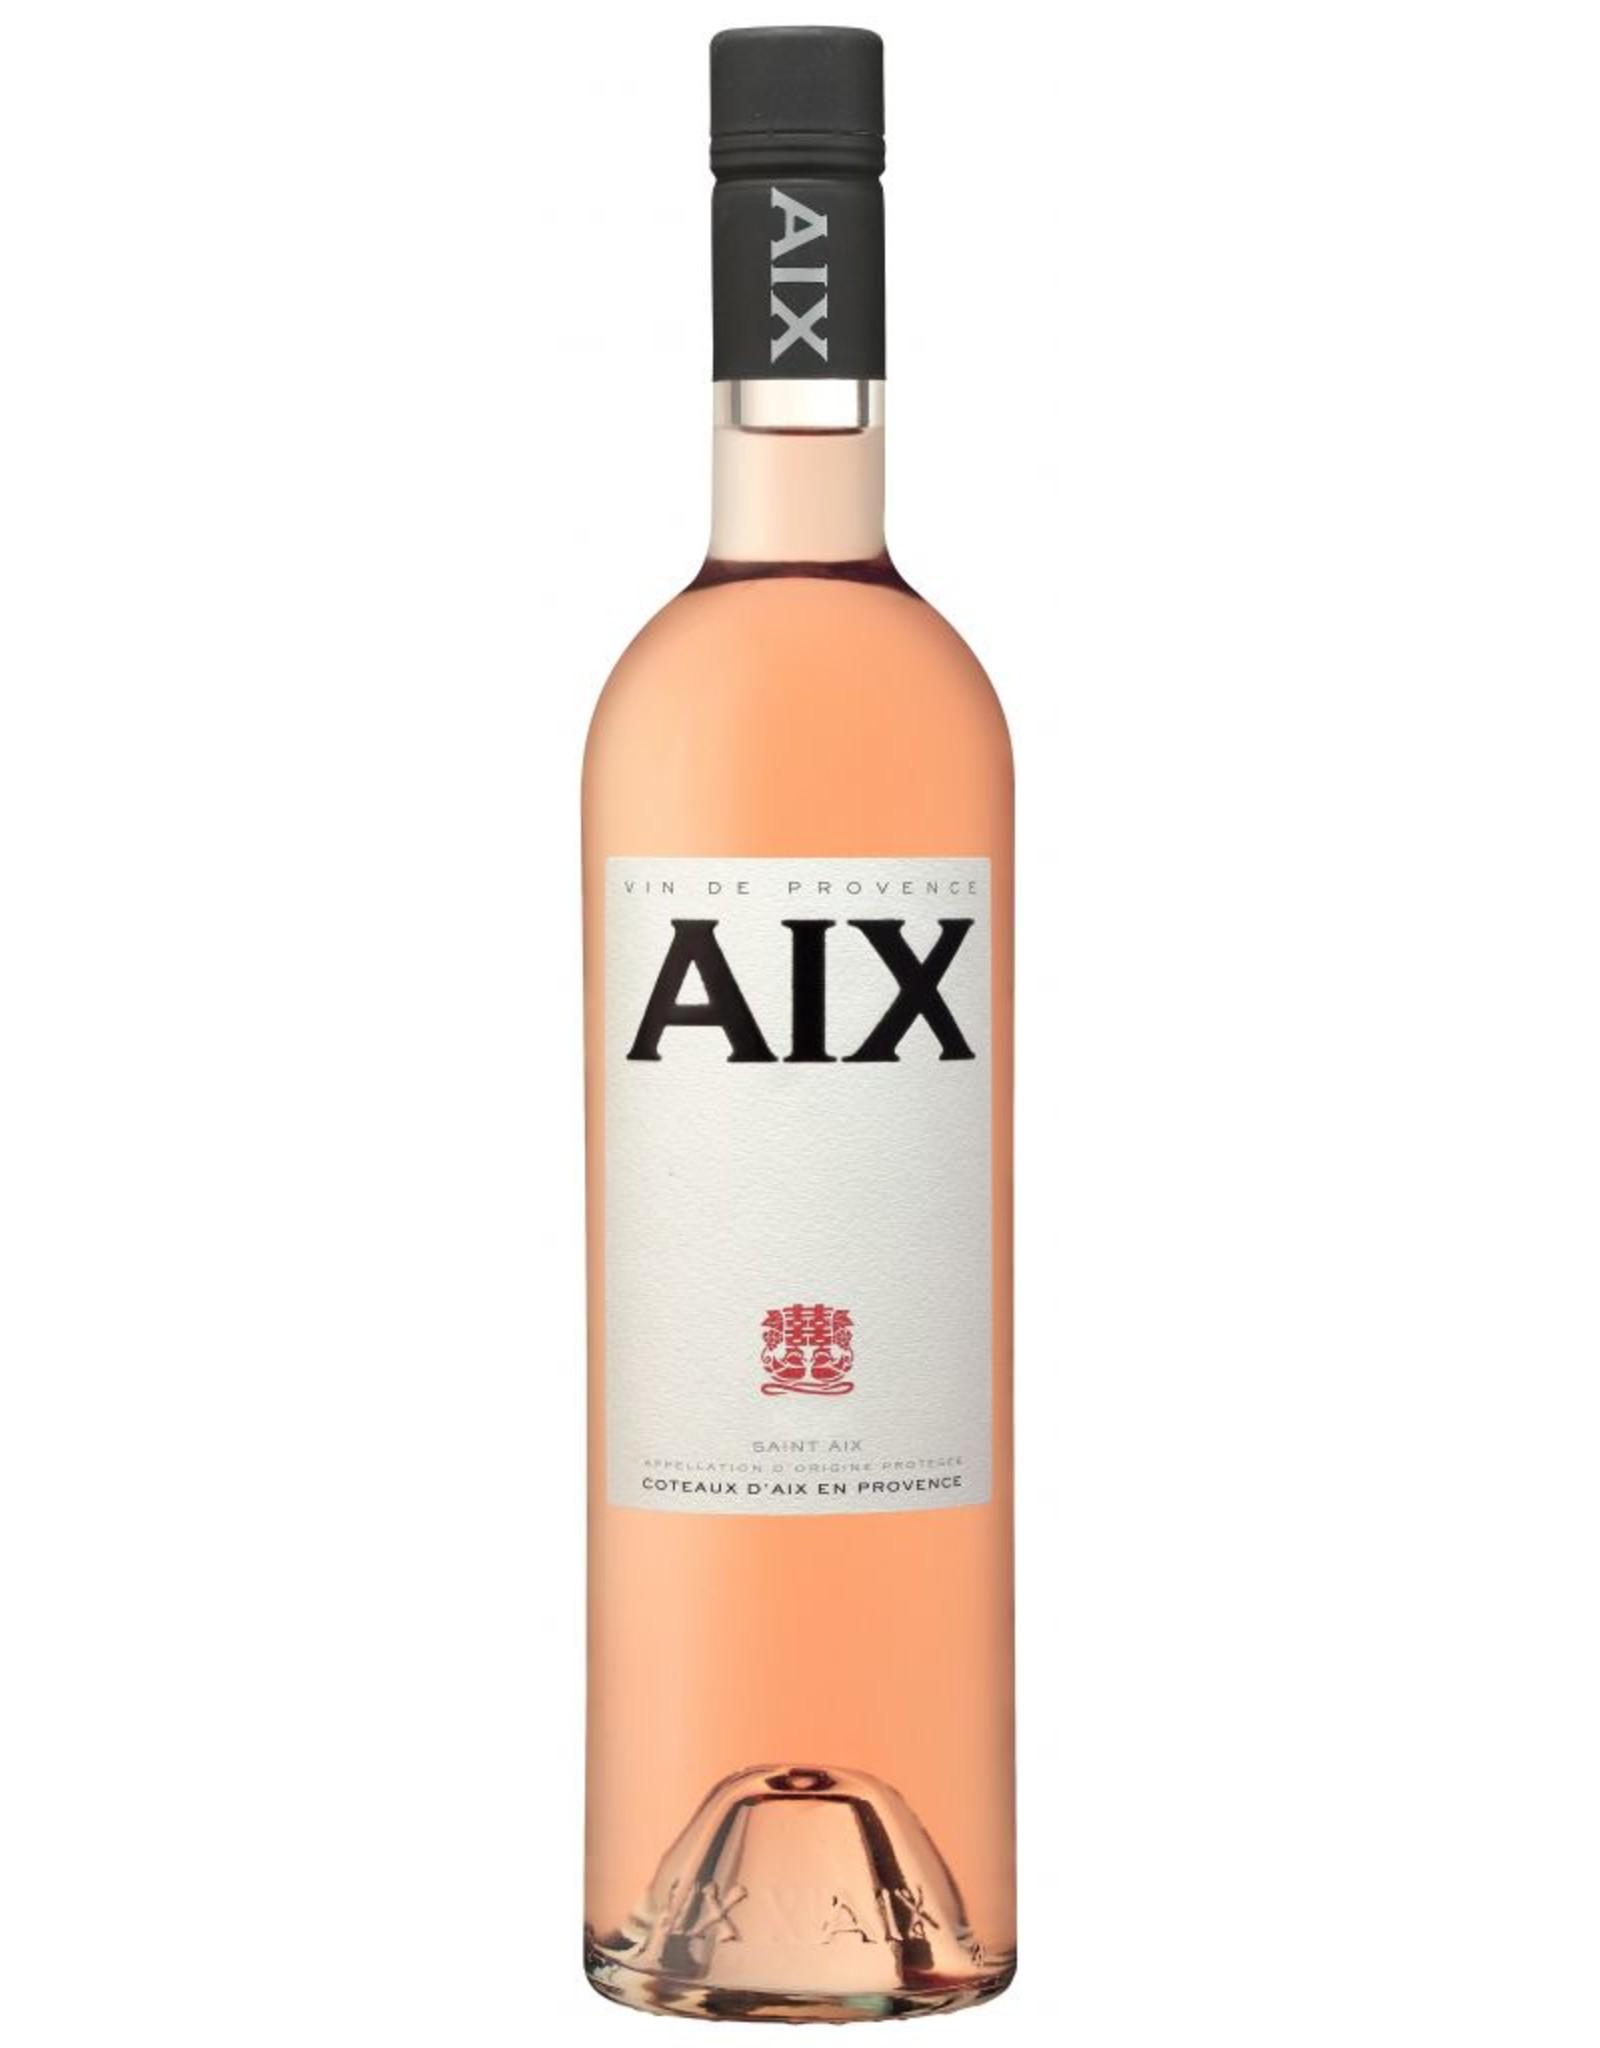 AIX Uniek: Ook verkrijgbaar in 1,5 / 3 / 6 en 15 liter | Krachtige merknaam | De perfecte condities voor het verbouwen van grenache, syrah en cinsault druiven